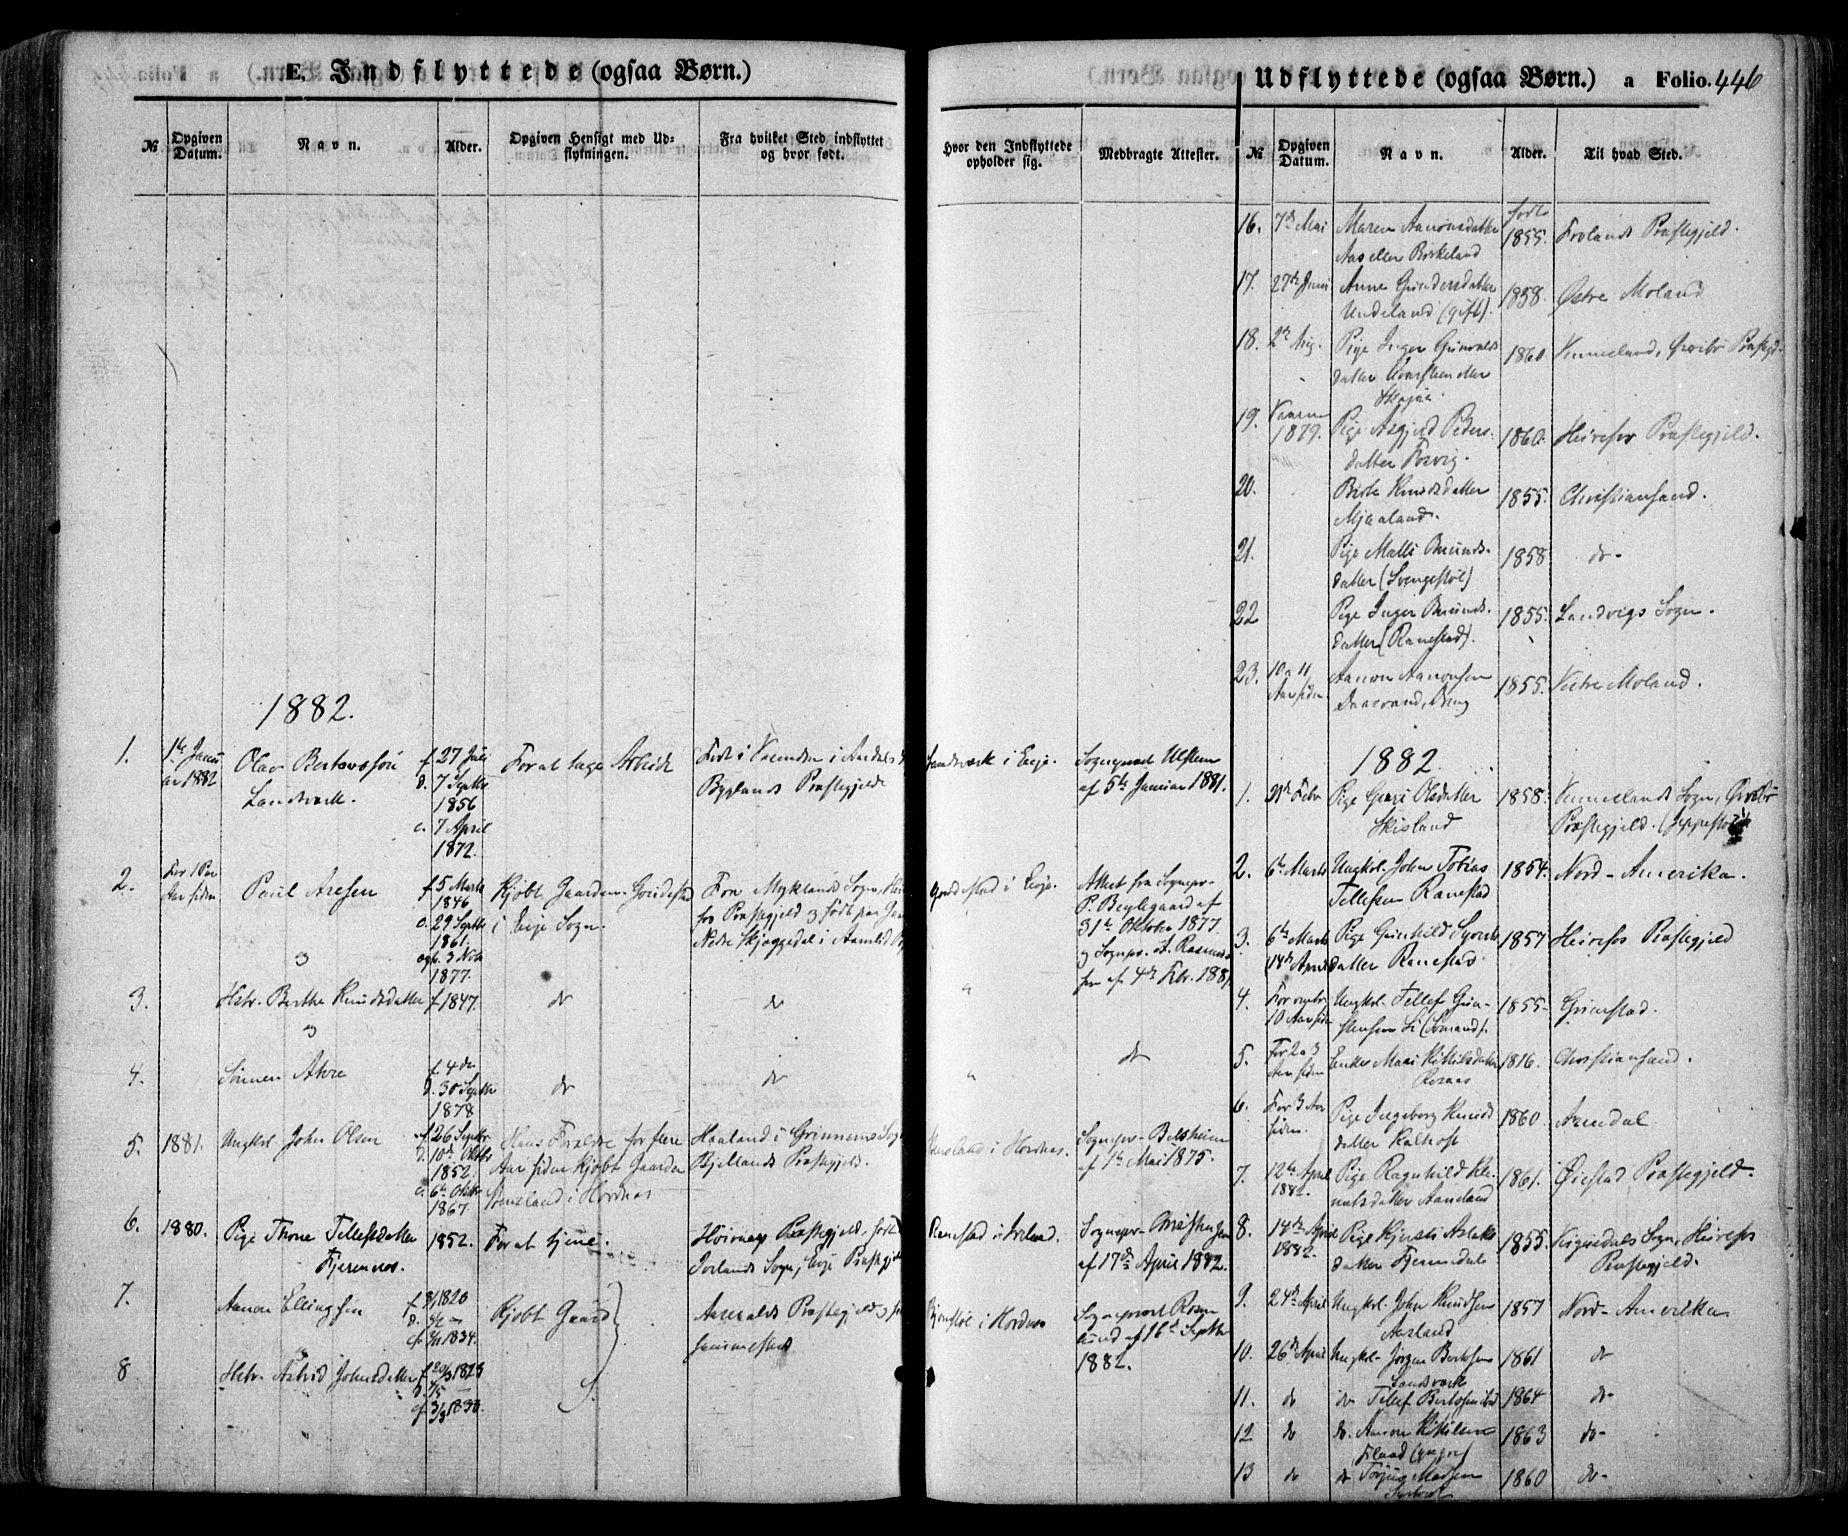 SAK, Evje sokneprestkontor, F/Fa/Faa/L0006: Ministerialbok nr. A 6, 1866-1884, s. 446